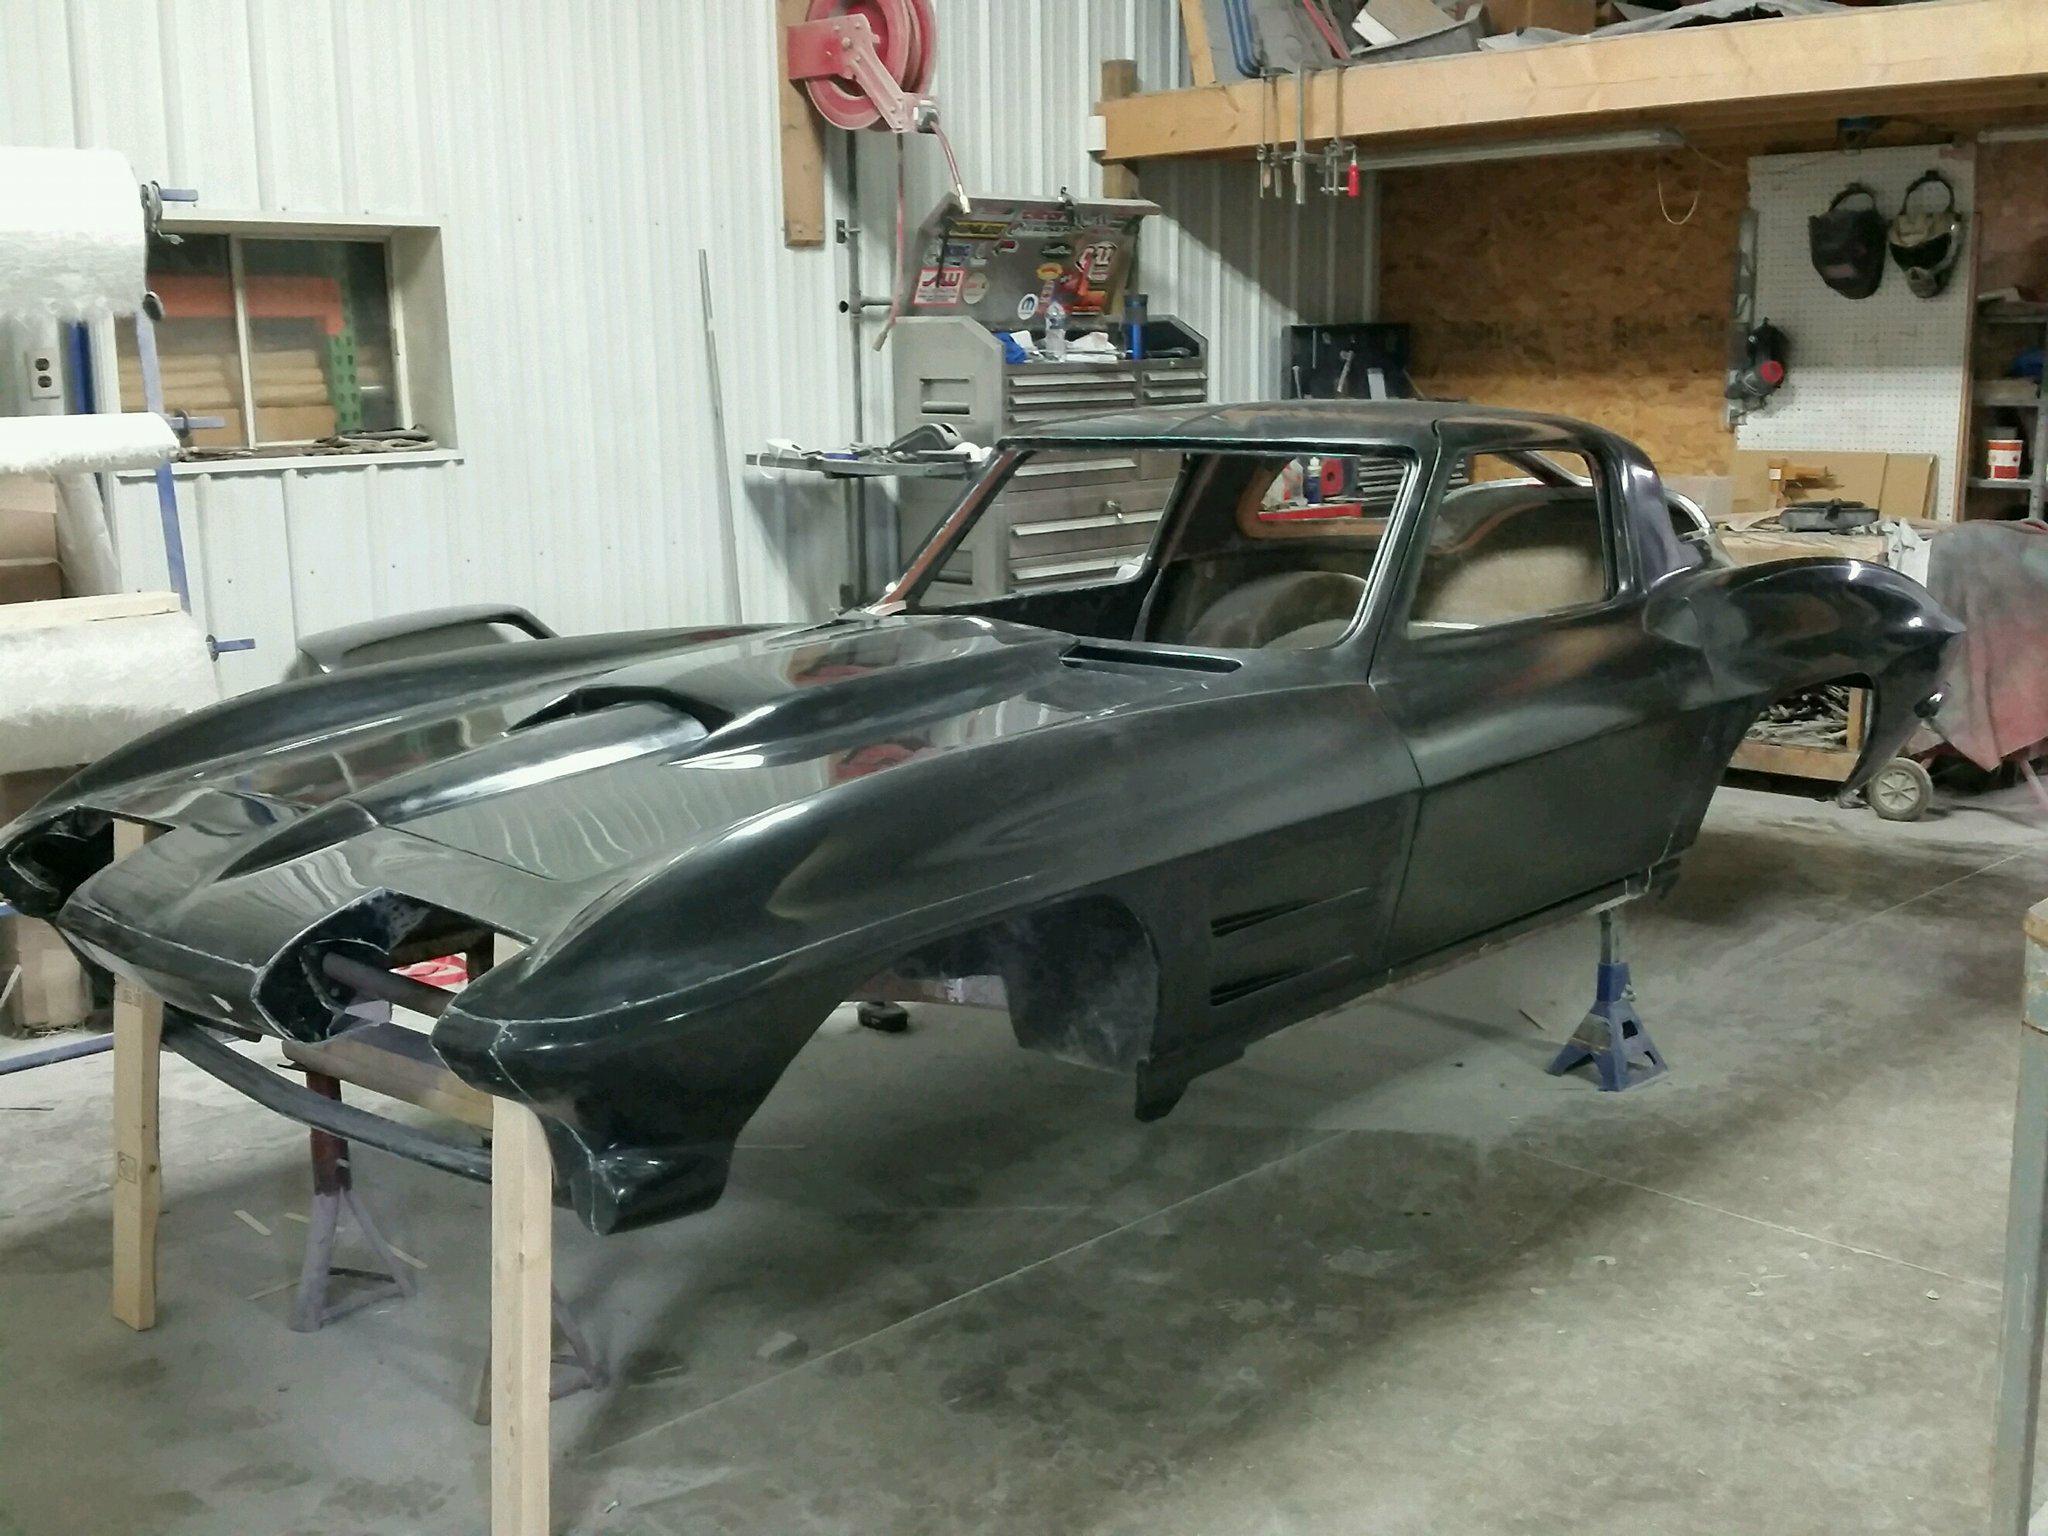 O on C4 Corvette Body Parts